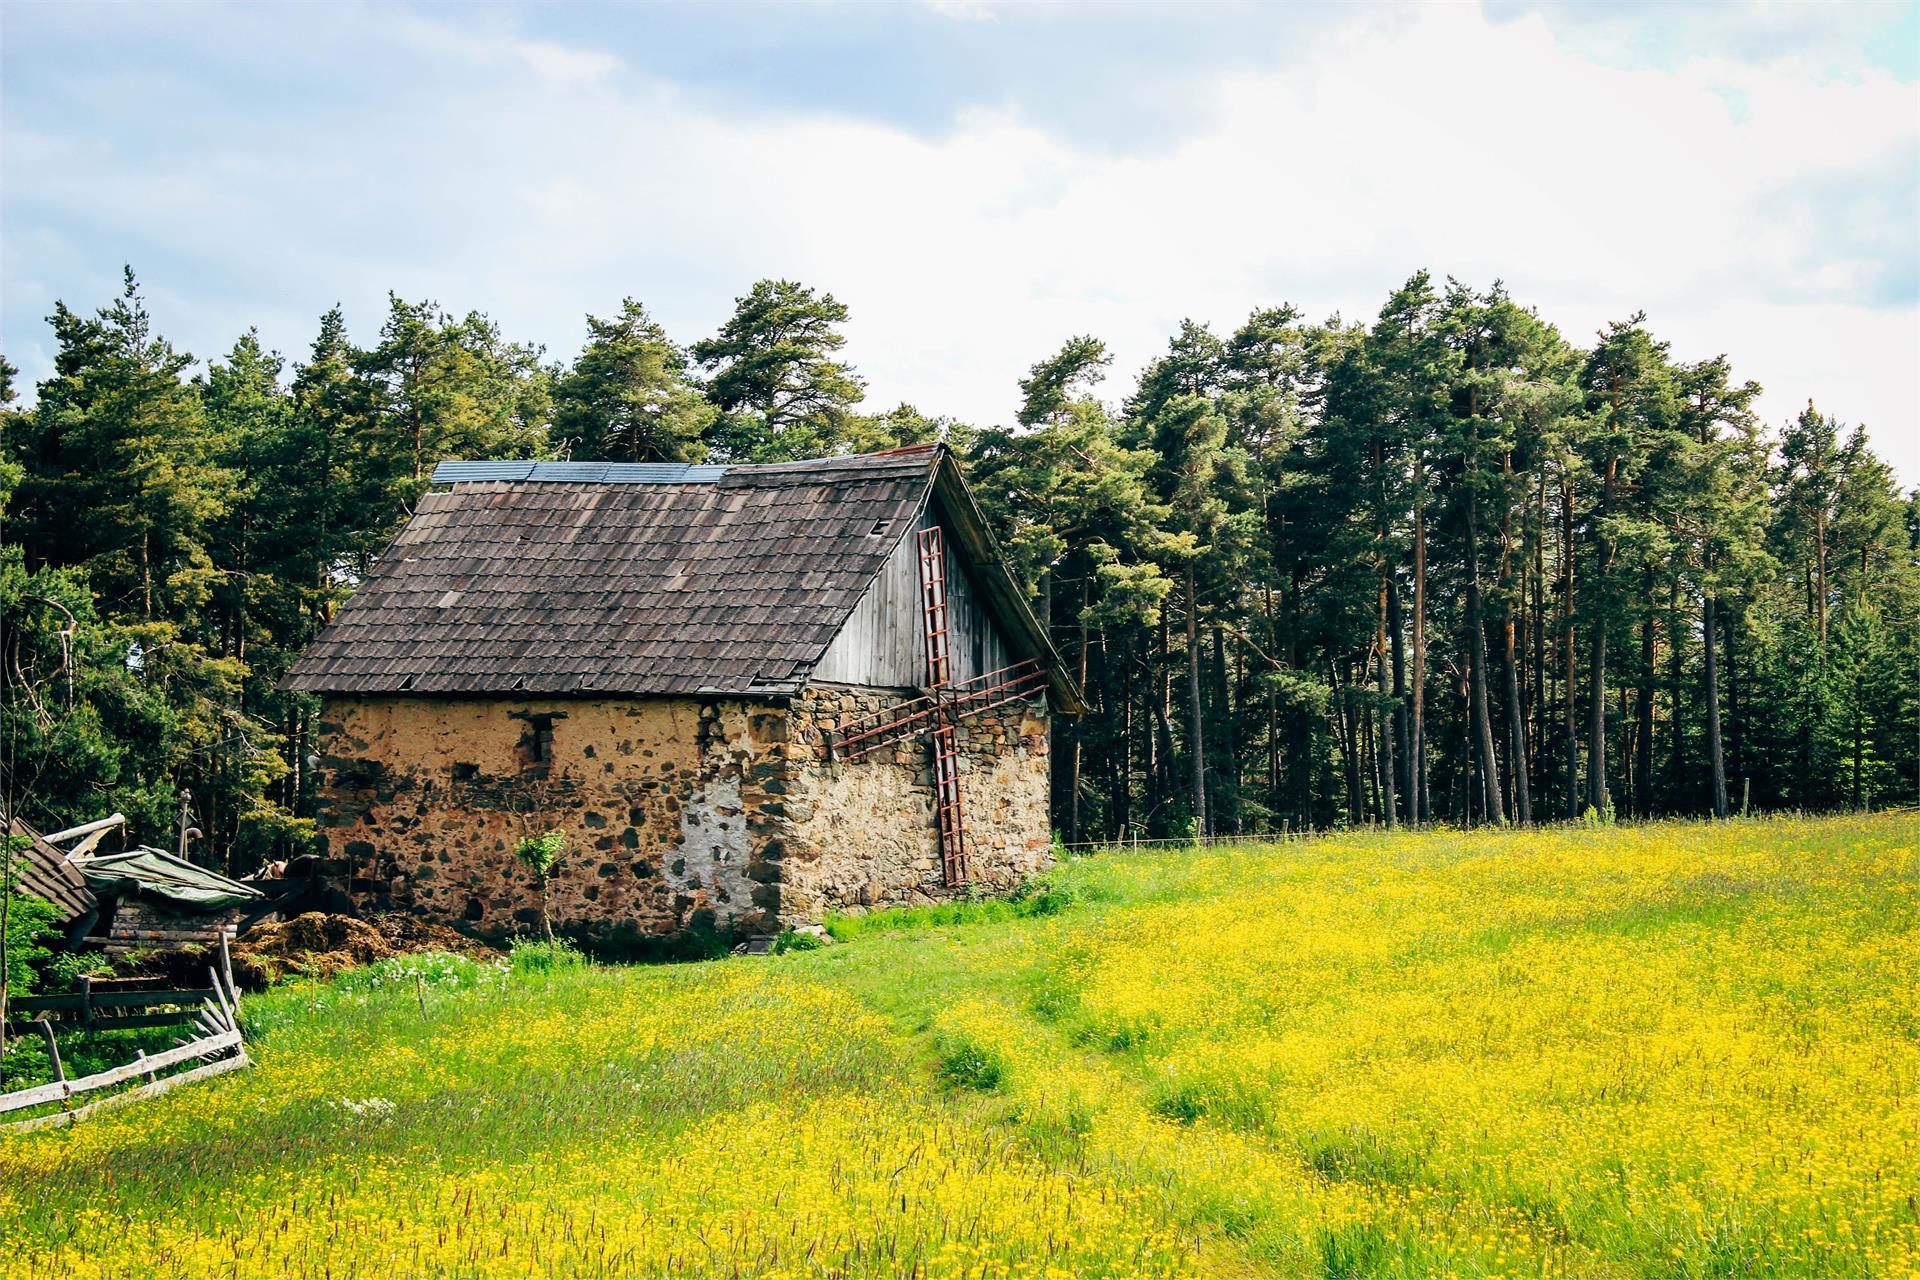 Little house on the farm area